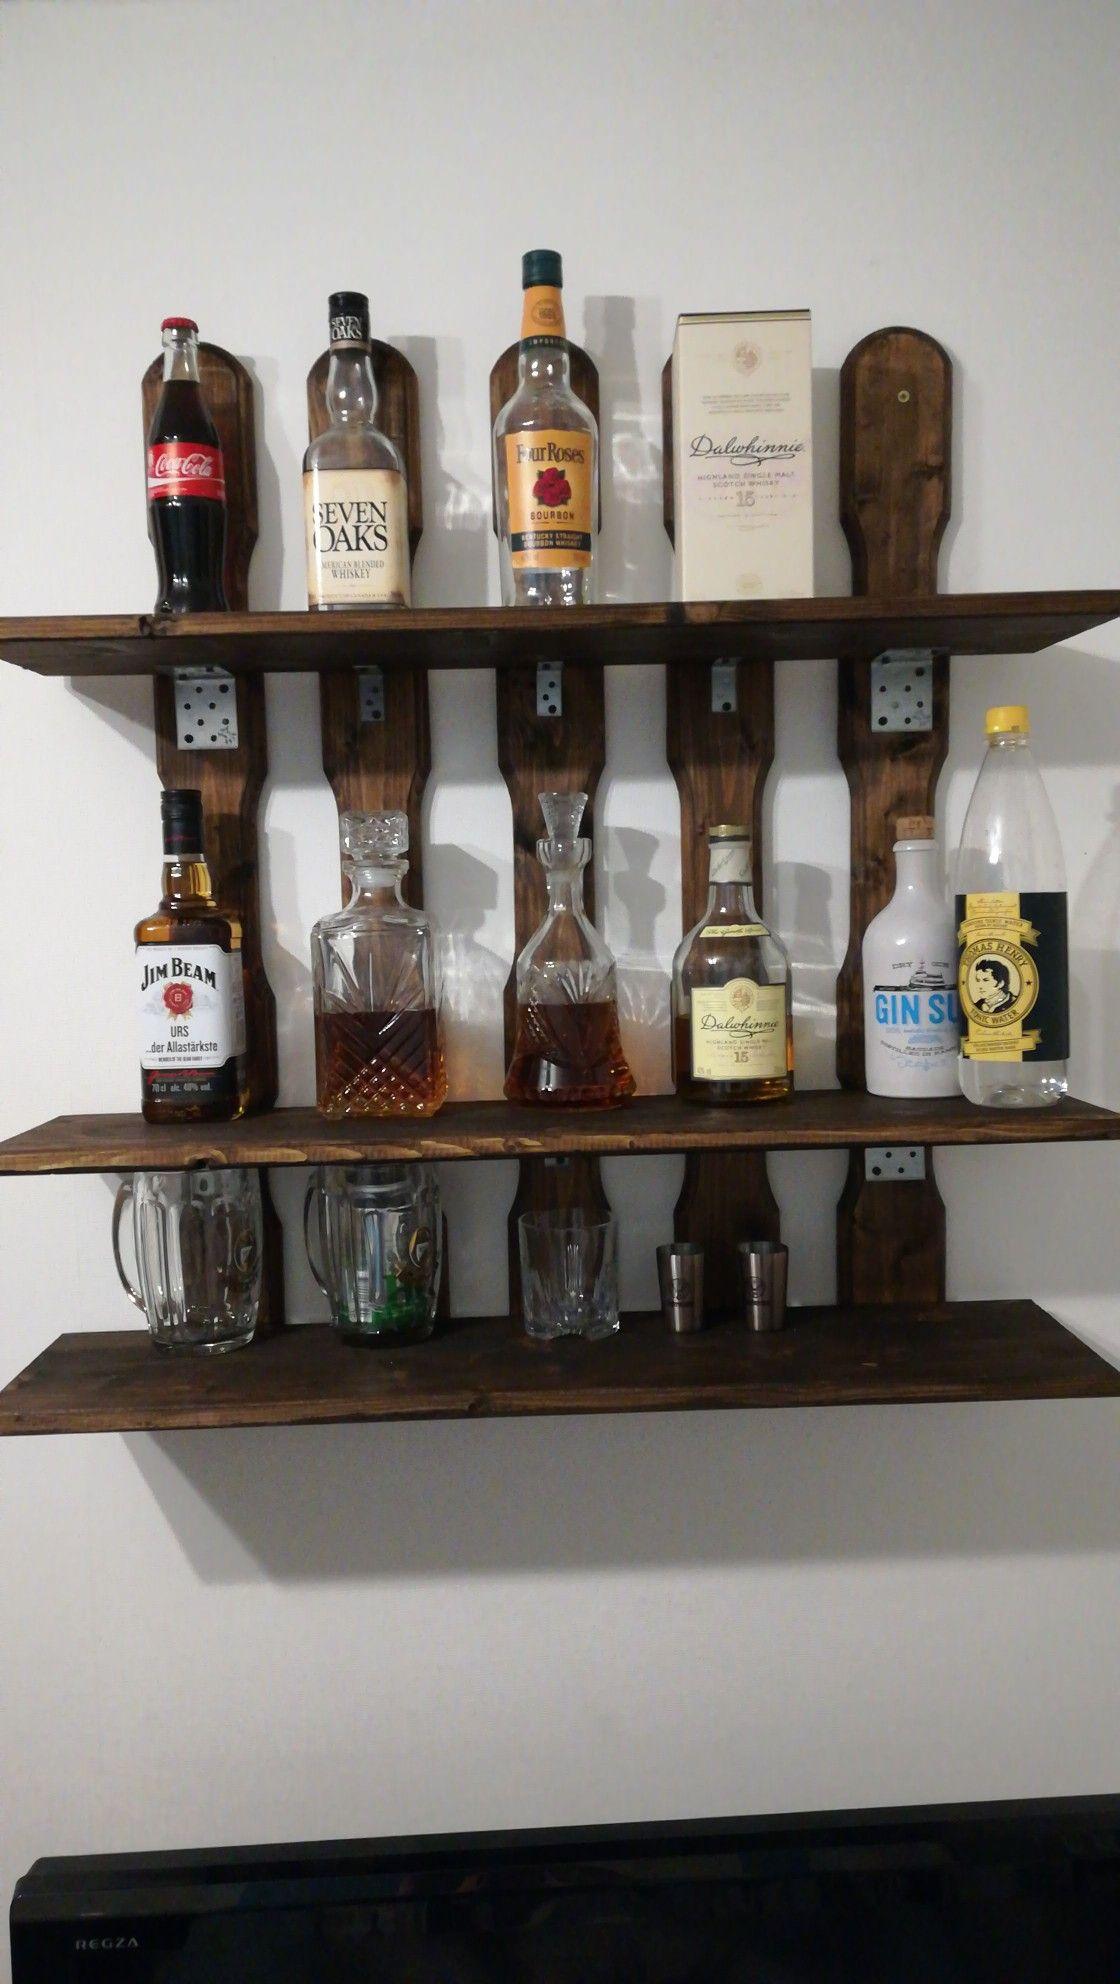 Pin by Urs Oppermann on Whisky Regal | Pinterest | Whisky